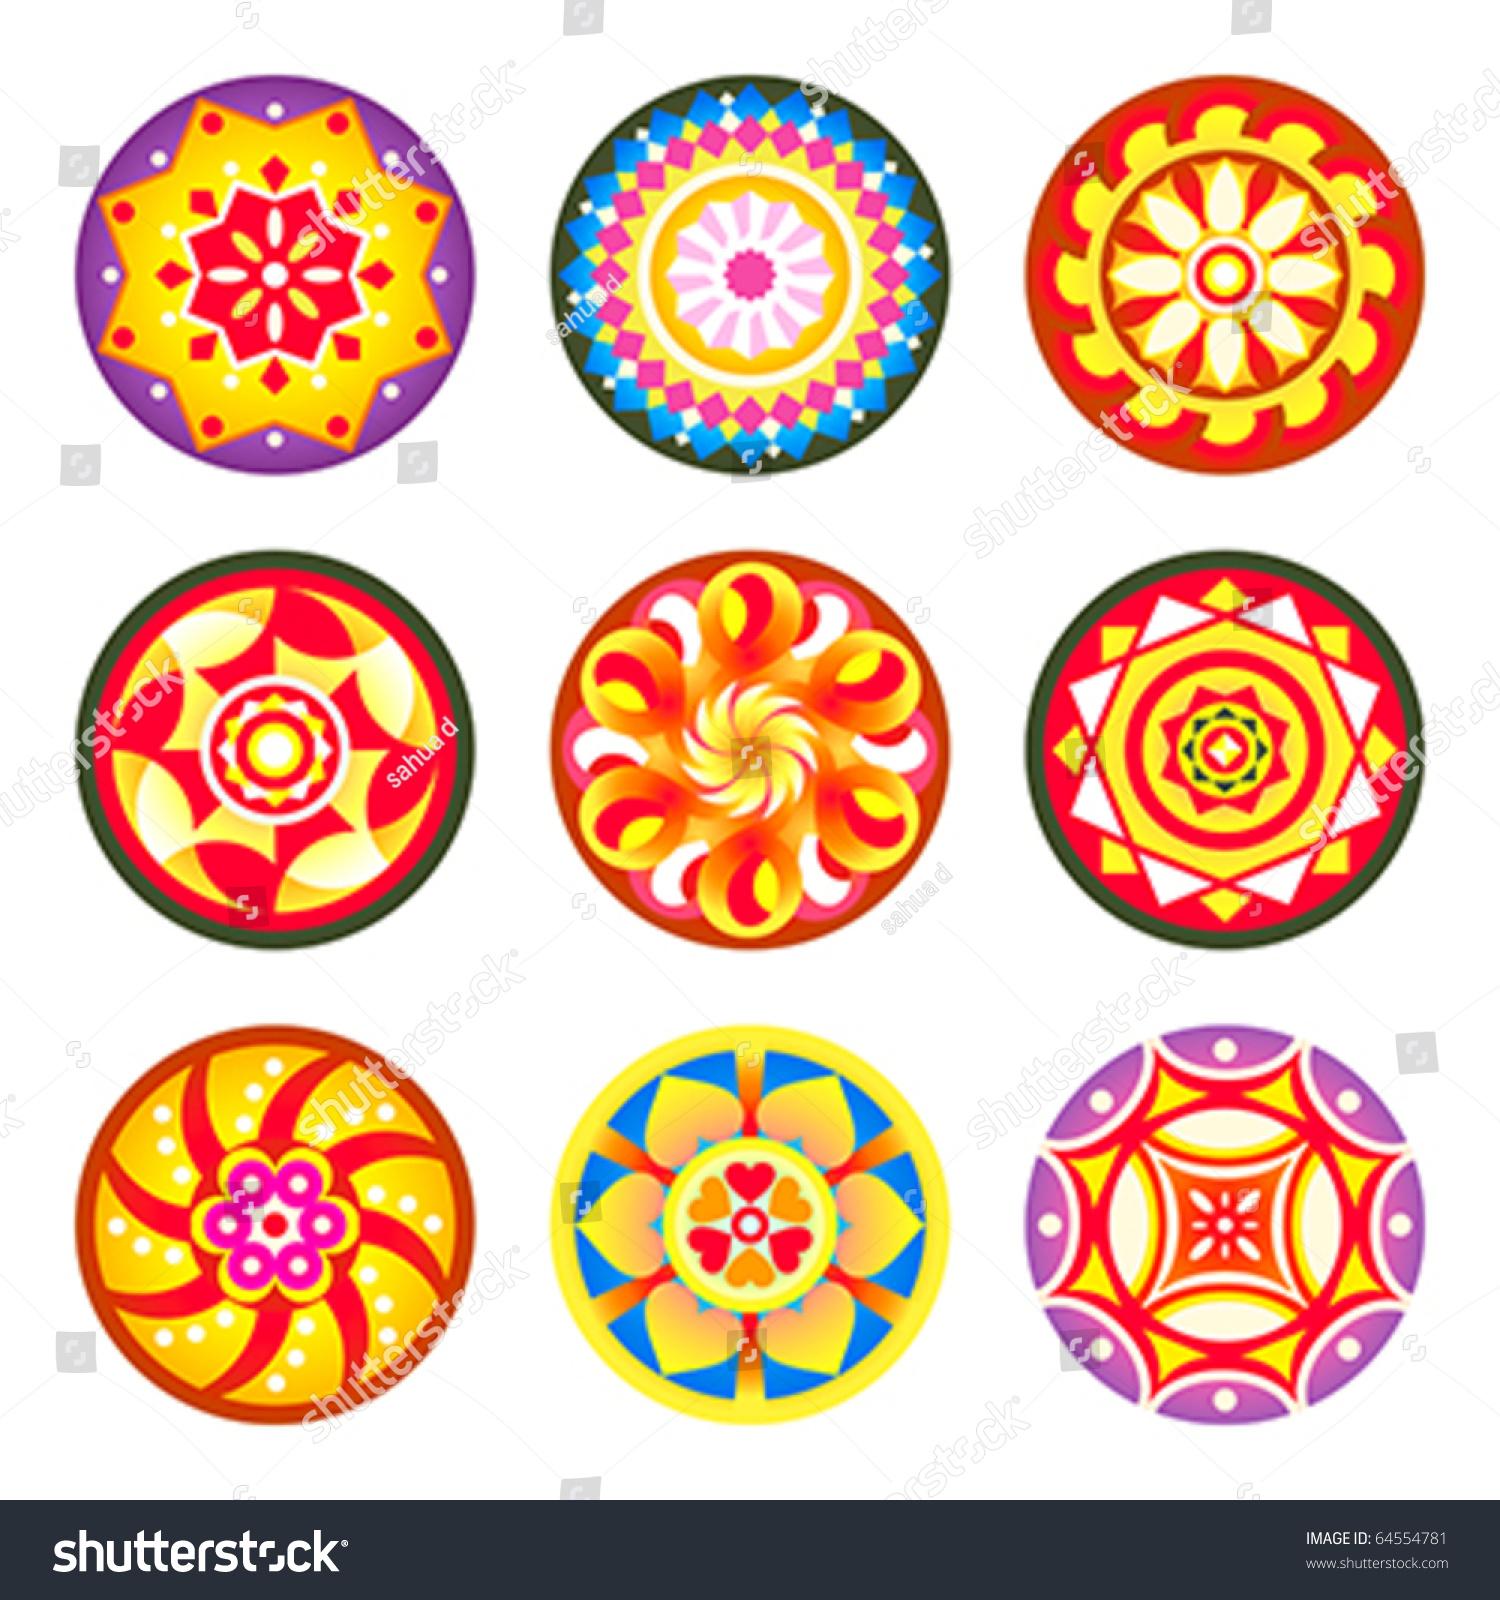 Indian Flower Designs